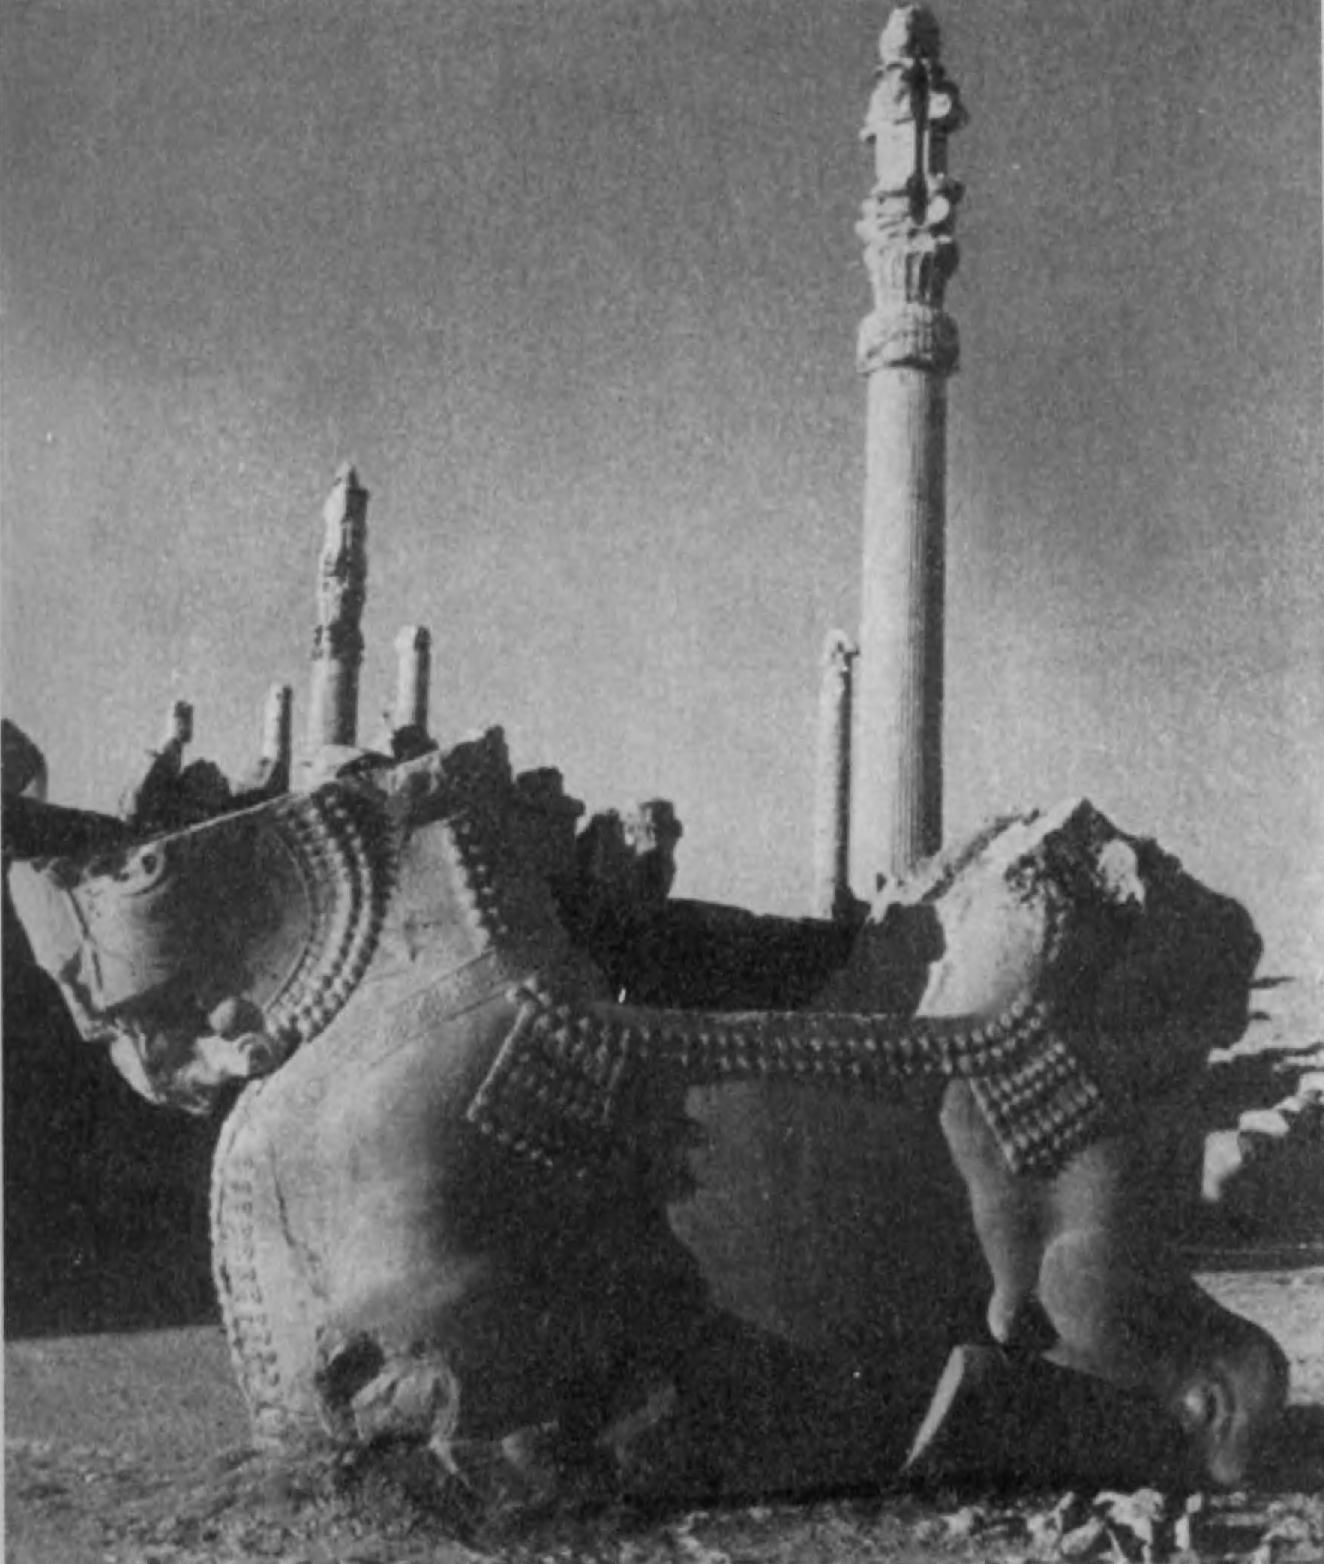 28.Персеполь. Упавшая капитель. Греческое влияние сказывается в каннелиро-ванных стволах колонн и в отделке баз, но массивные капители, заканчивающиеся двумя протомами быков, свидетельствуют об архитектурных приемах, характерных для Ассирии и Армении.